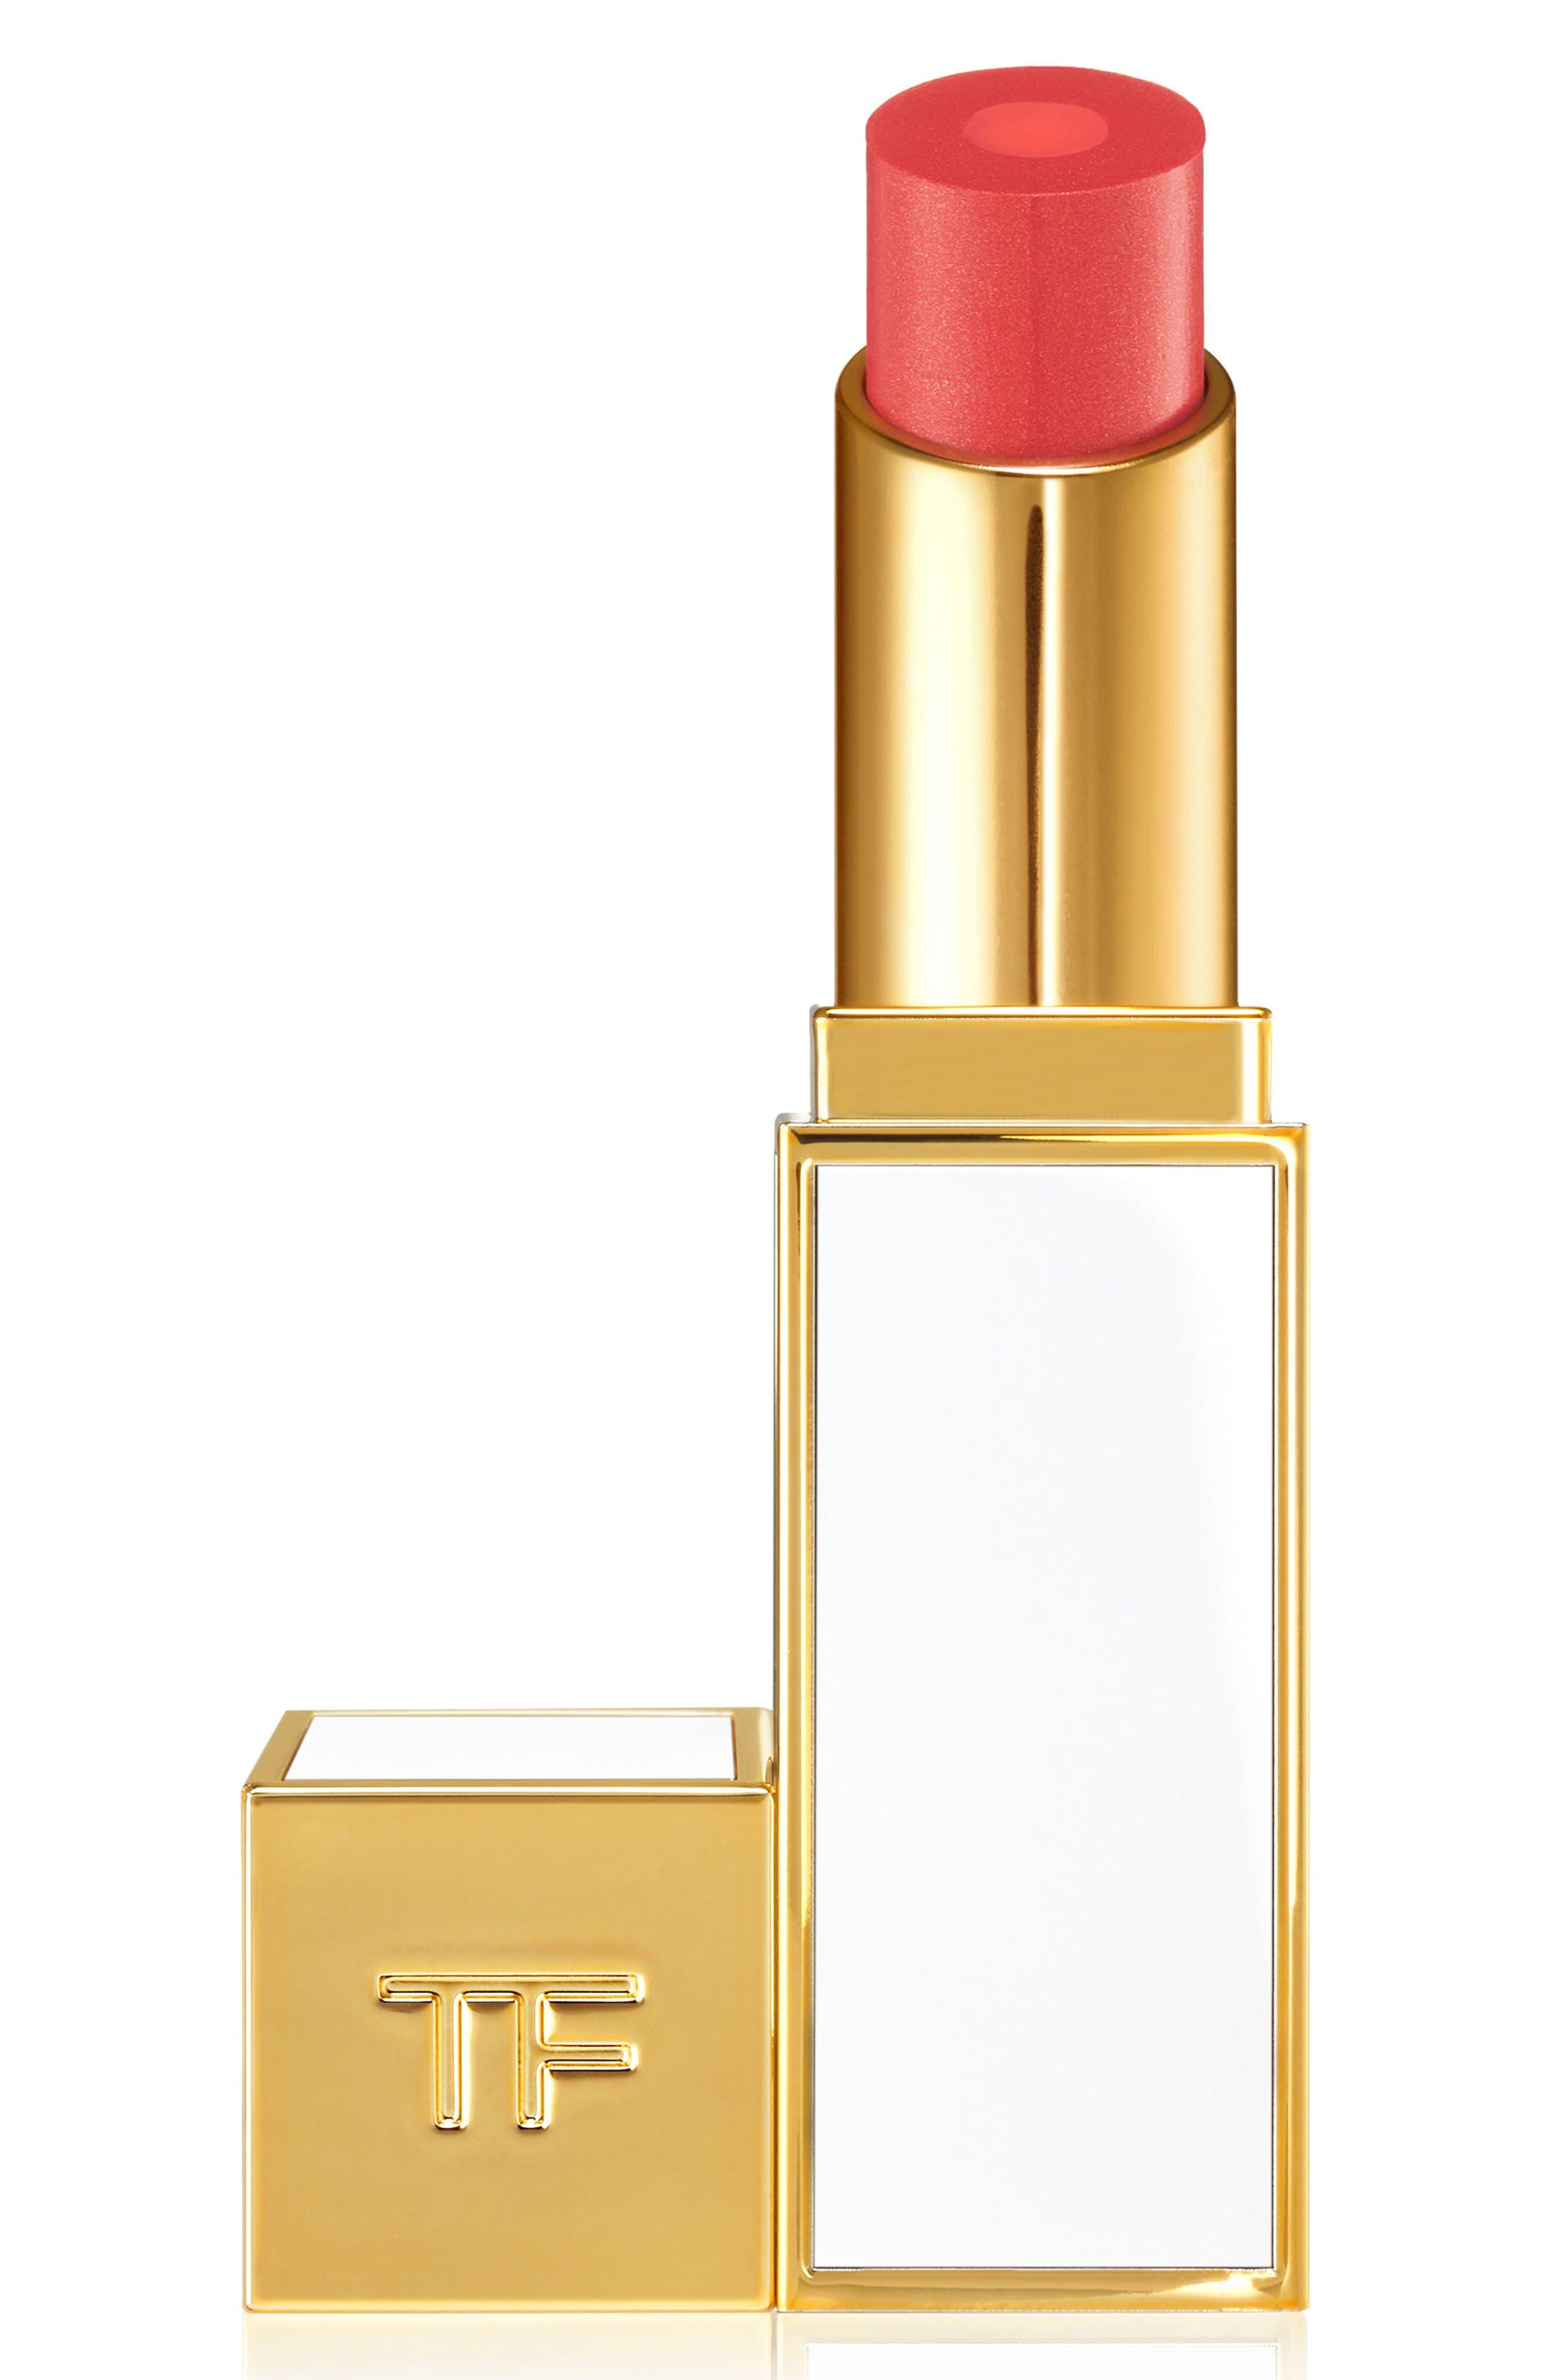 Tom Ford 'Moisturecore' Lip Color